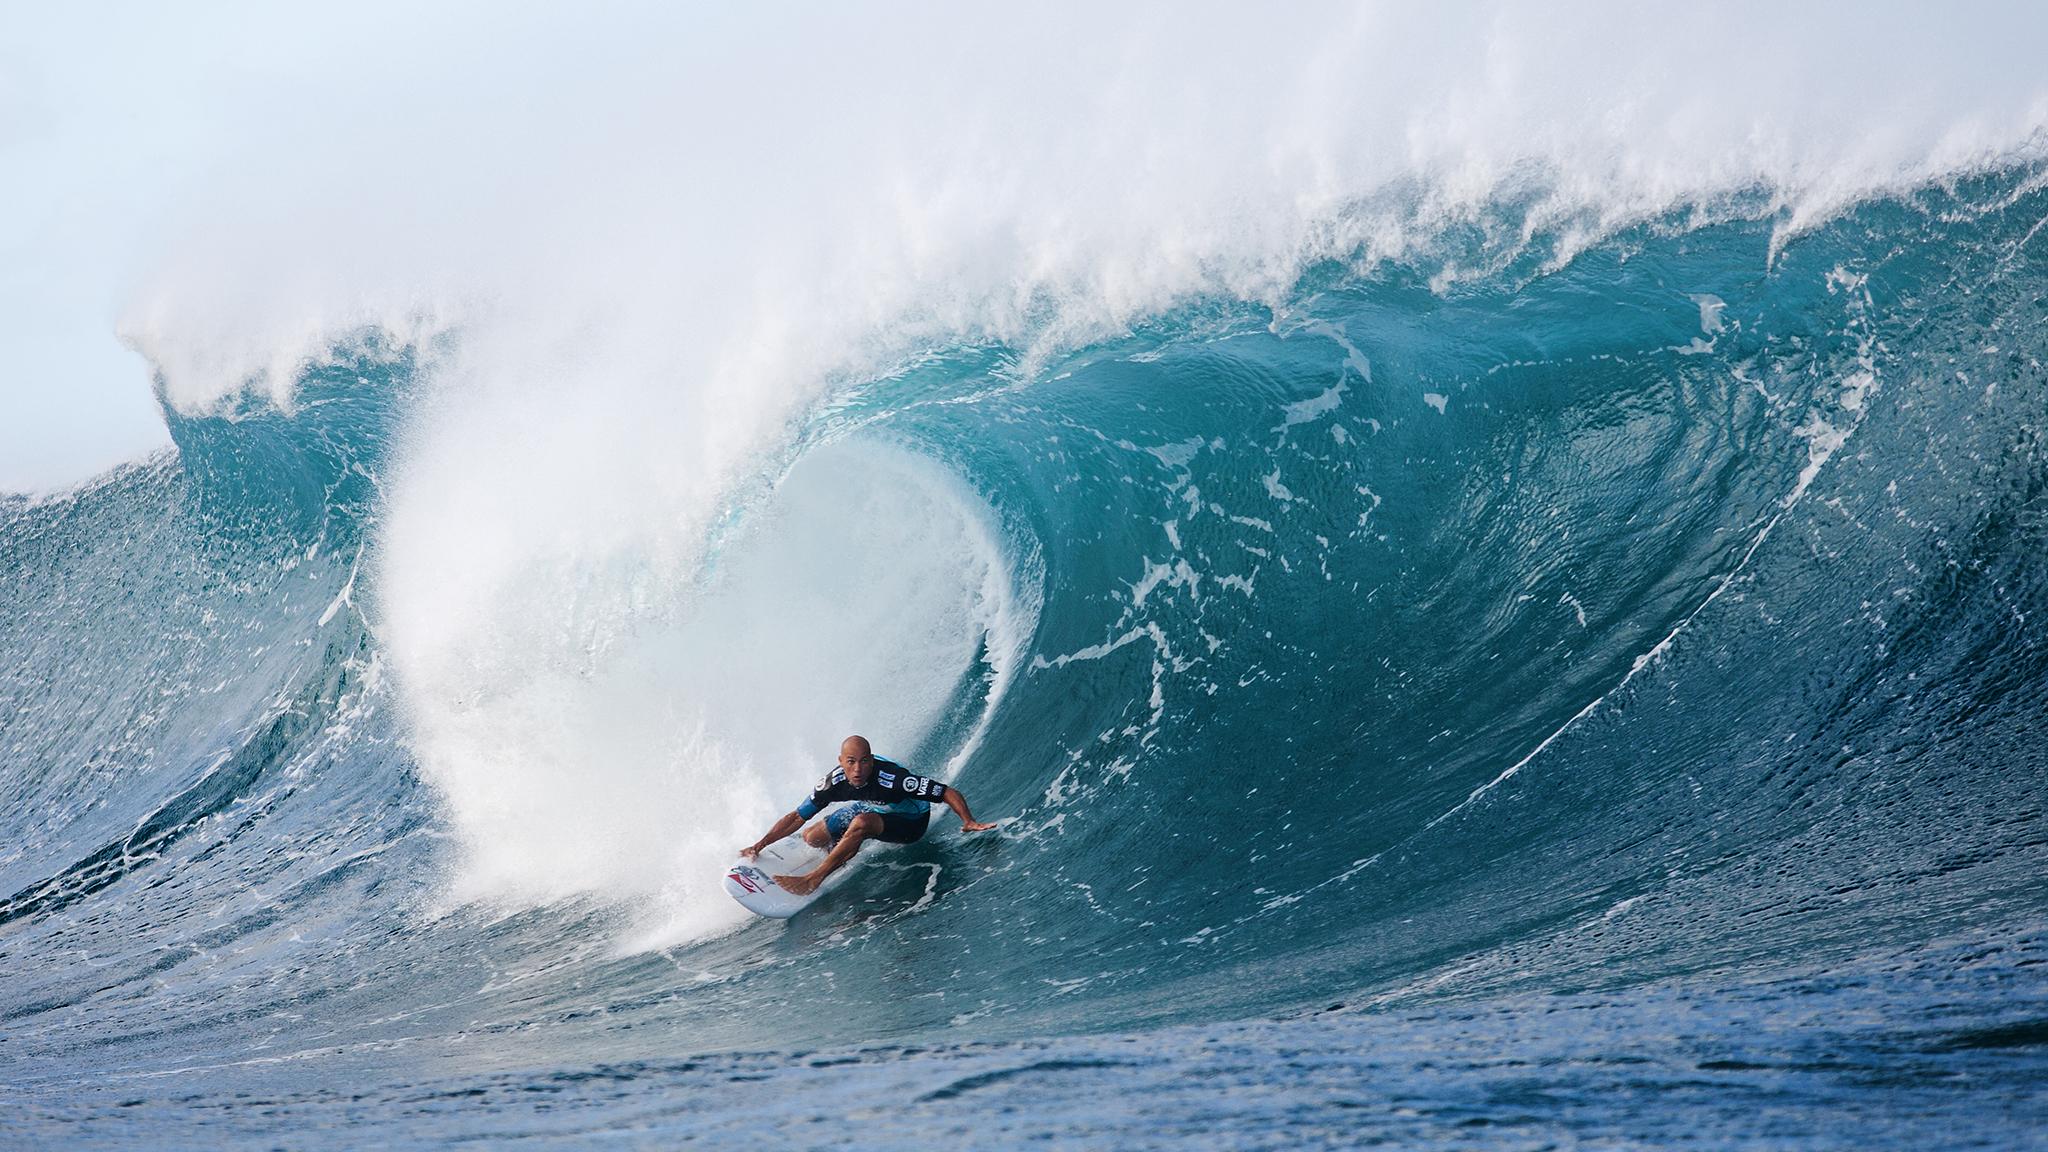 The Vans Triple Crown of Surfing